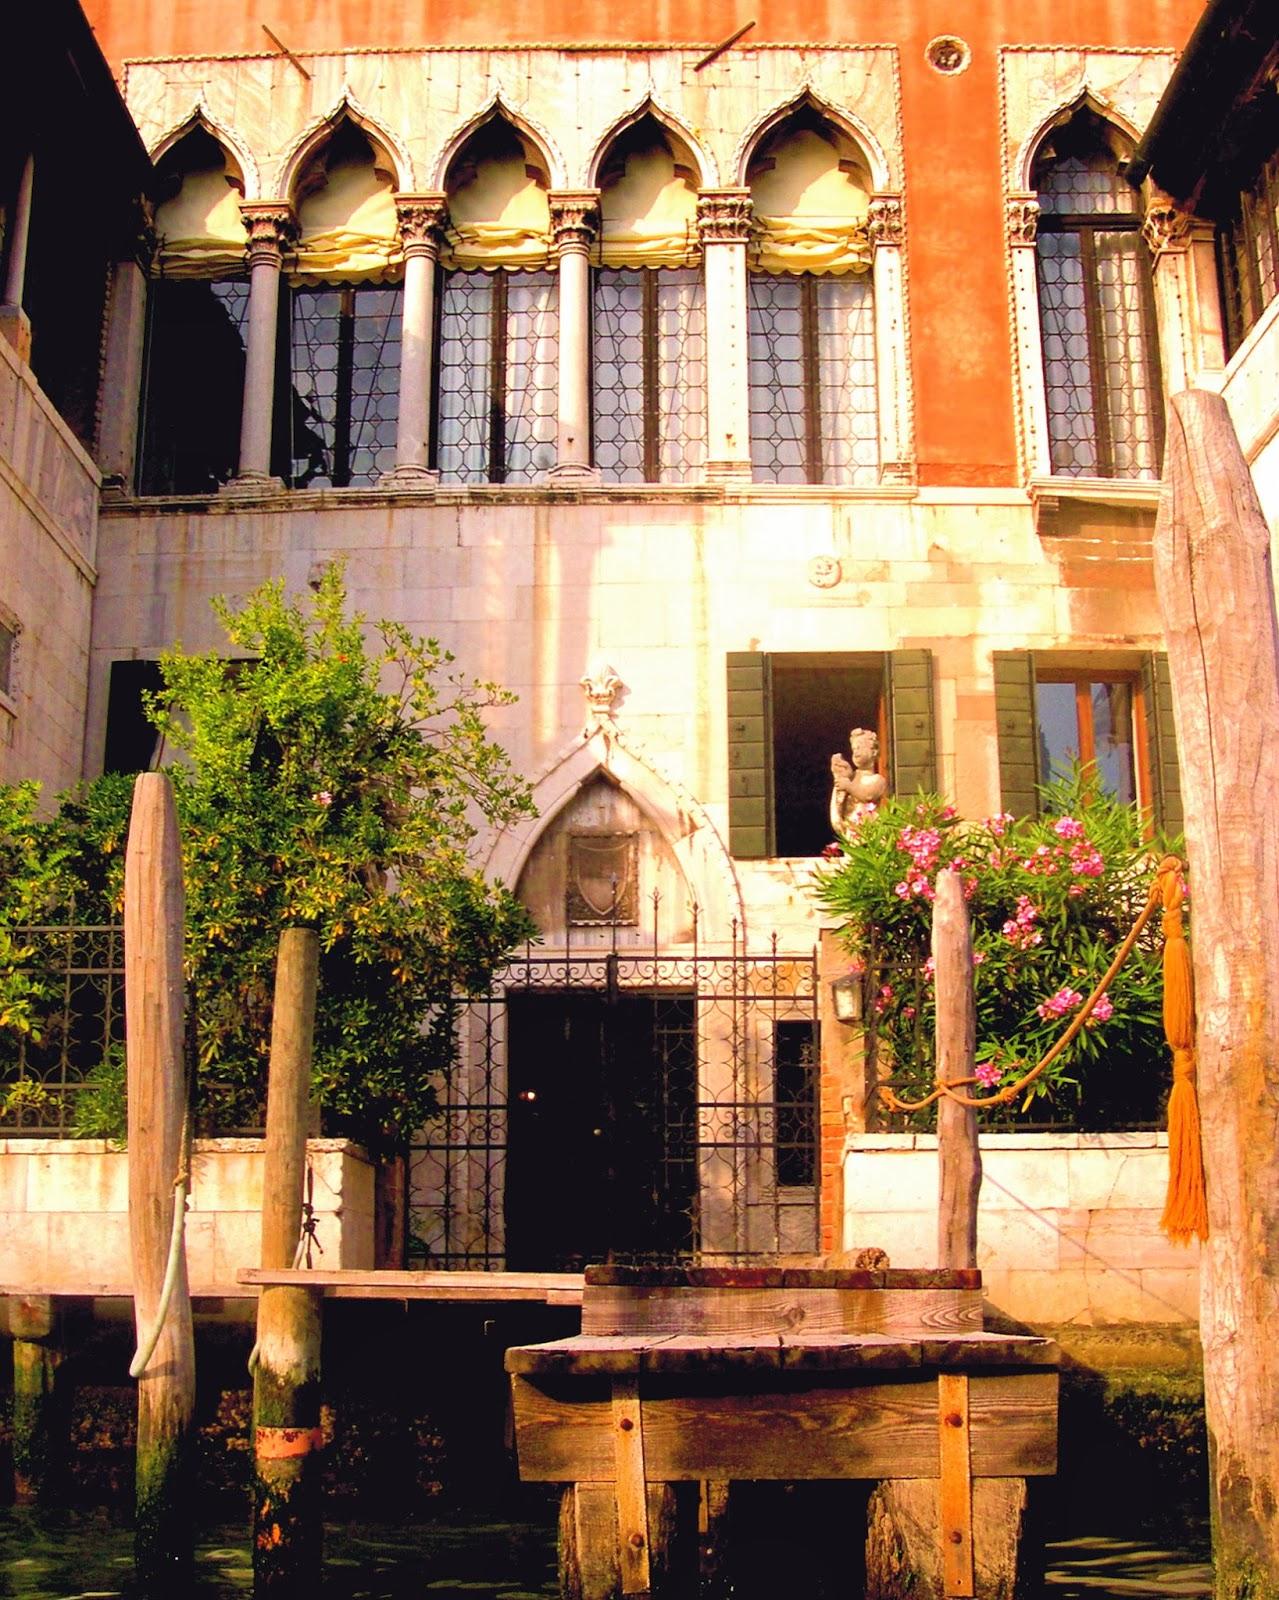 Venice, Italy; European Home Facades